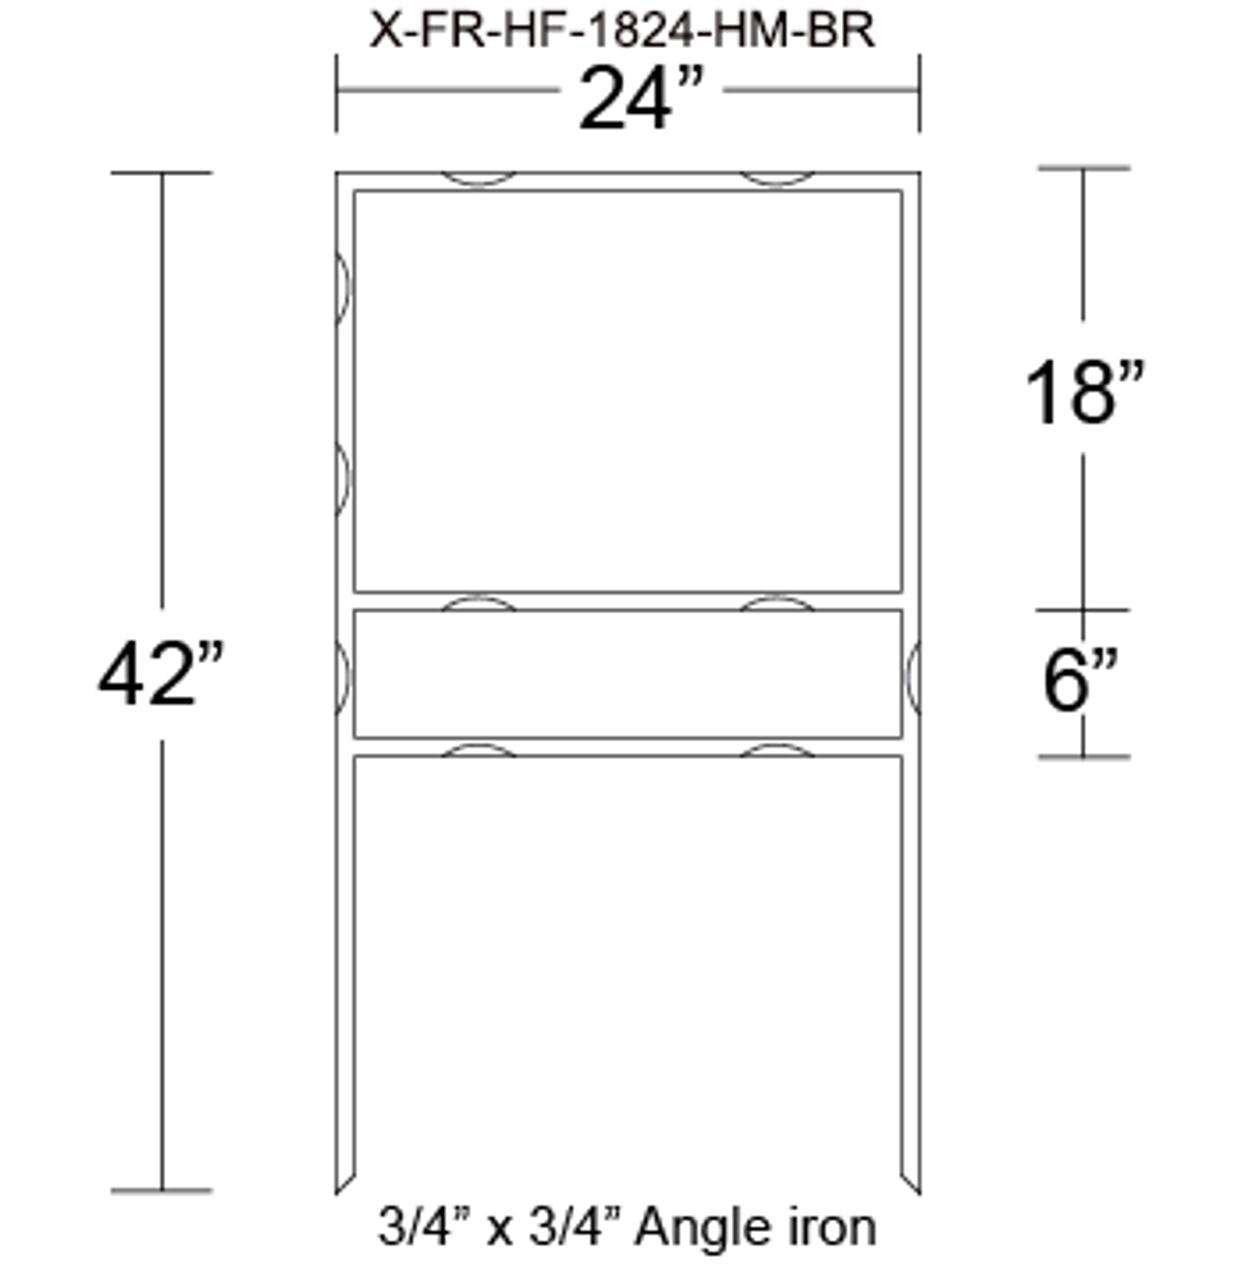 X-FR-HF-1824-HM-BR